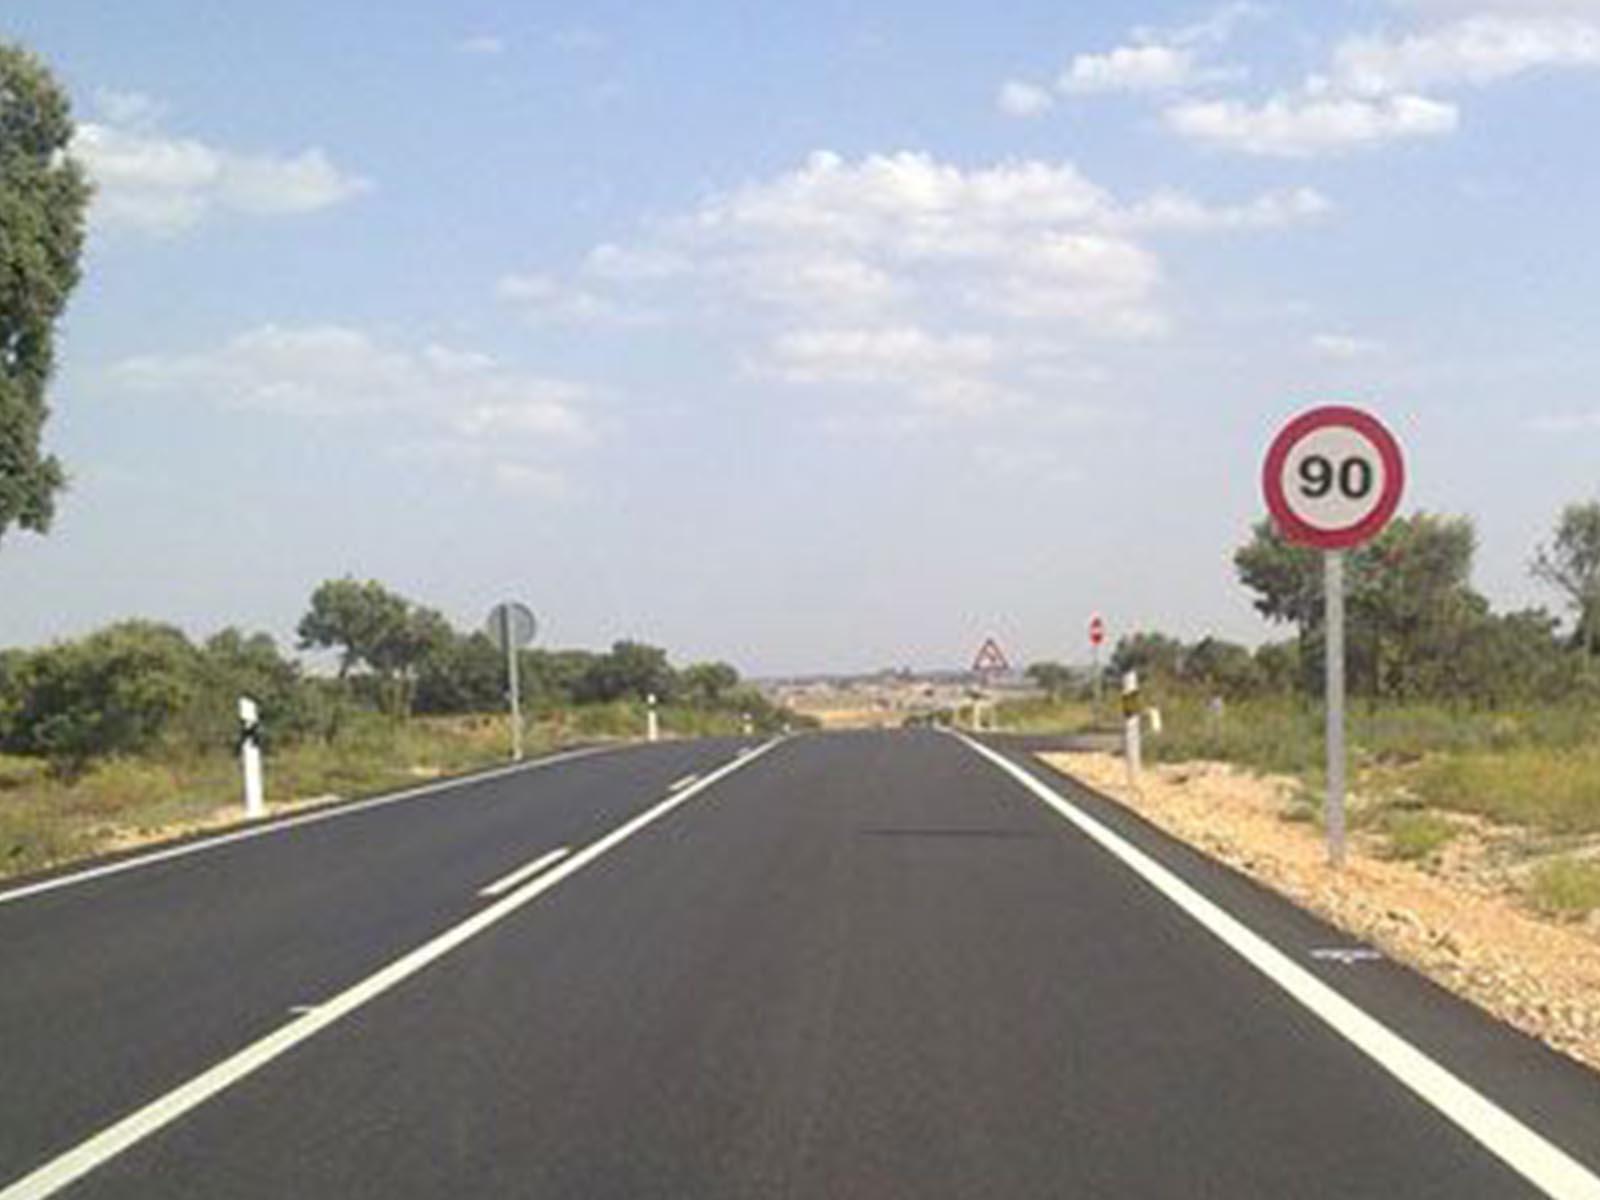 ServyCar-Taller-mecanico-automovil-multimarca-zaragoza-centro-Blog-imagen-principal-Servycar-EstamosEnElCentro-201808xx-02_1600x1200 - Tráfico reduce a 90 km/h el límite en carreteras secundarias